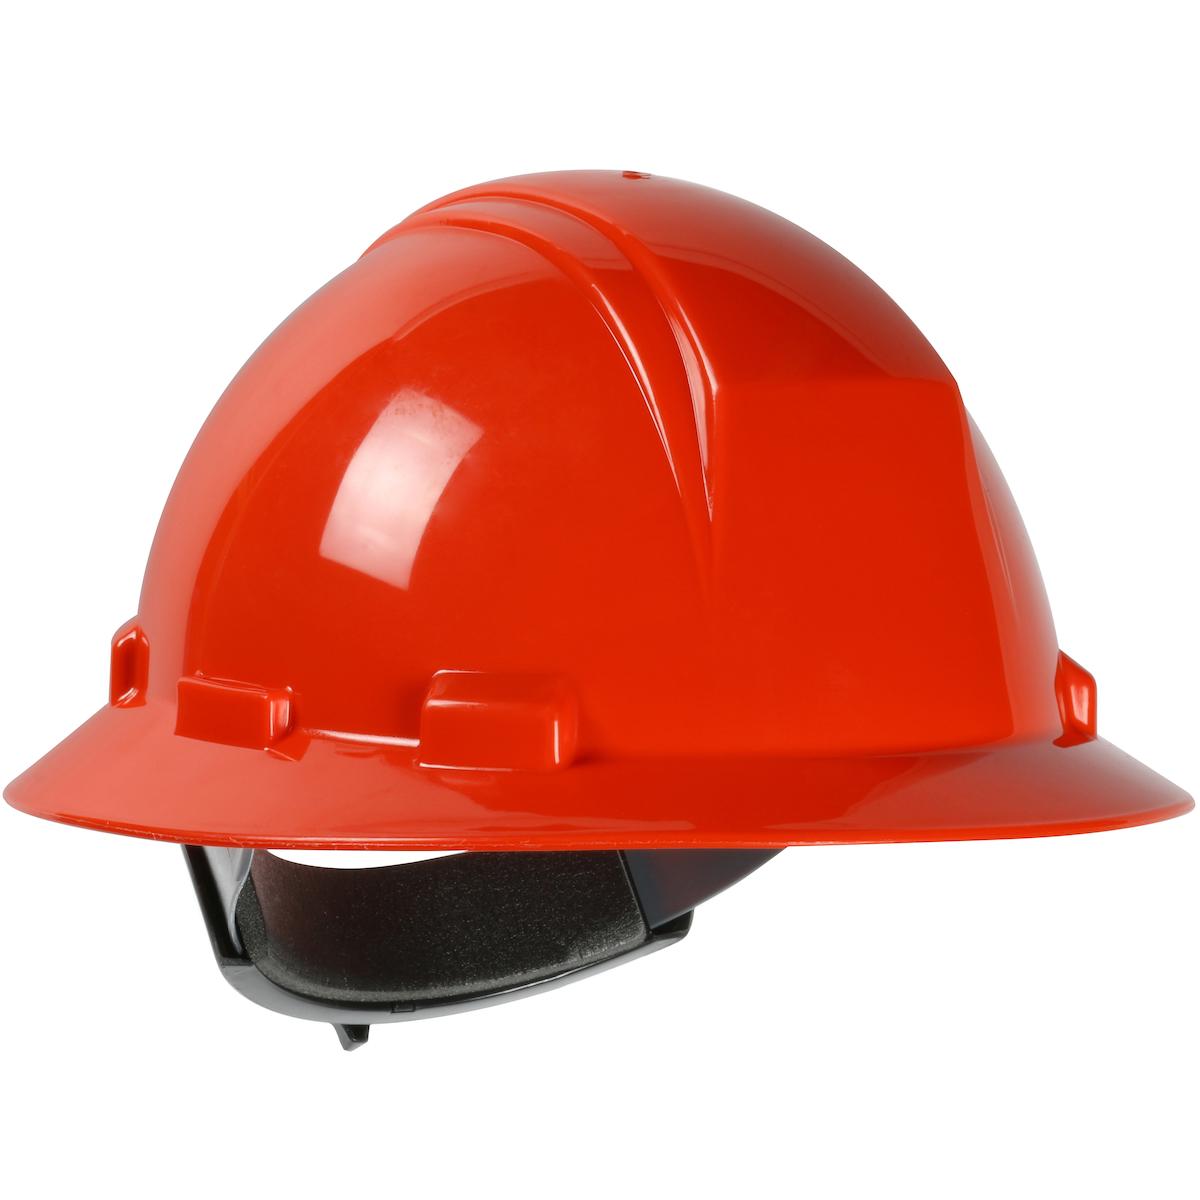 ANSI Type II Helmets